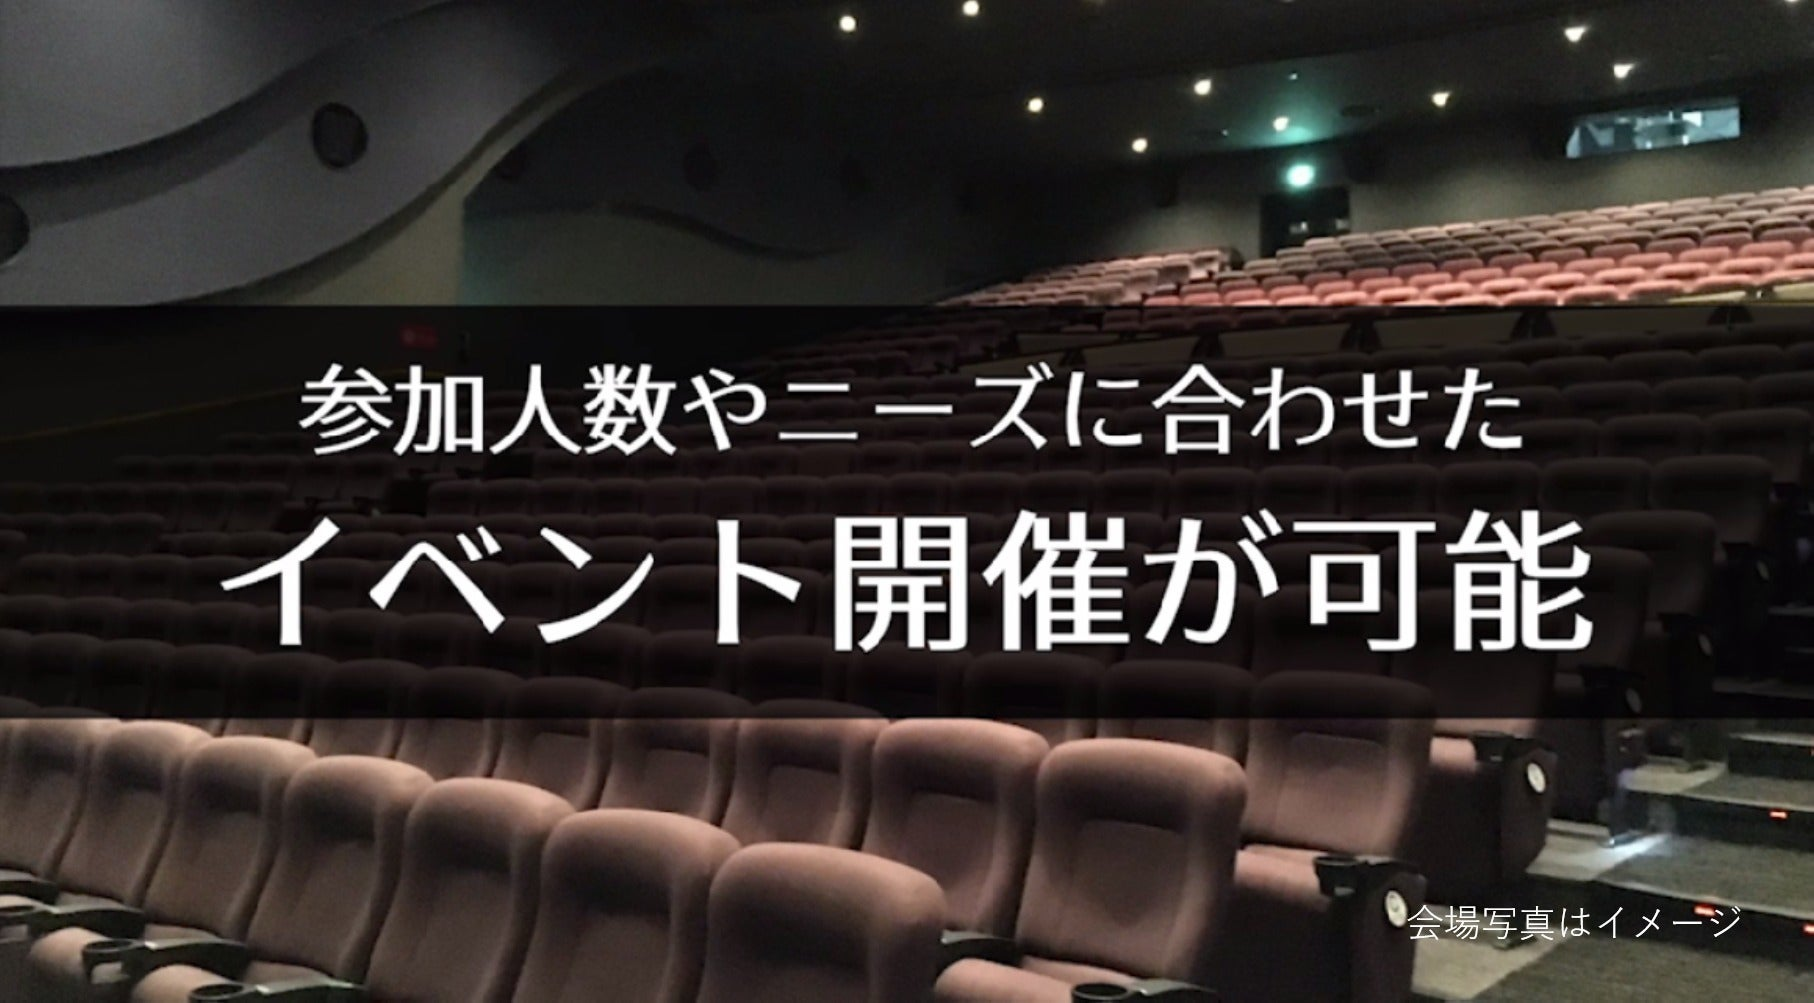 【幕張 424席】映画館で、会社説明会、株主総会、講演会の企画はいかがですか?